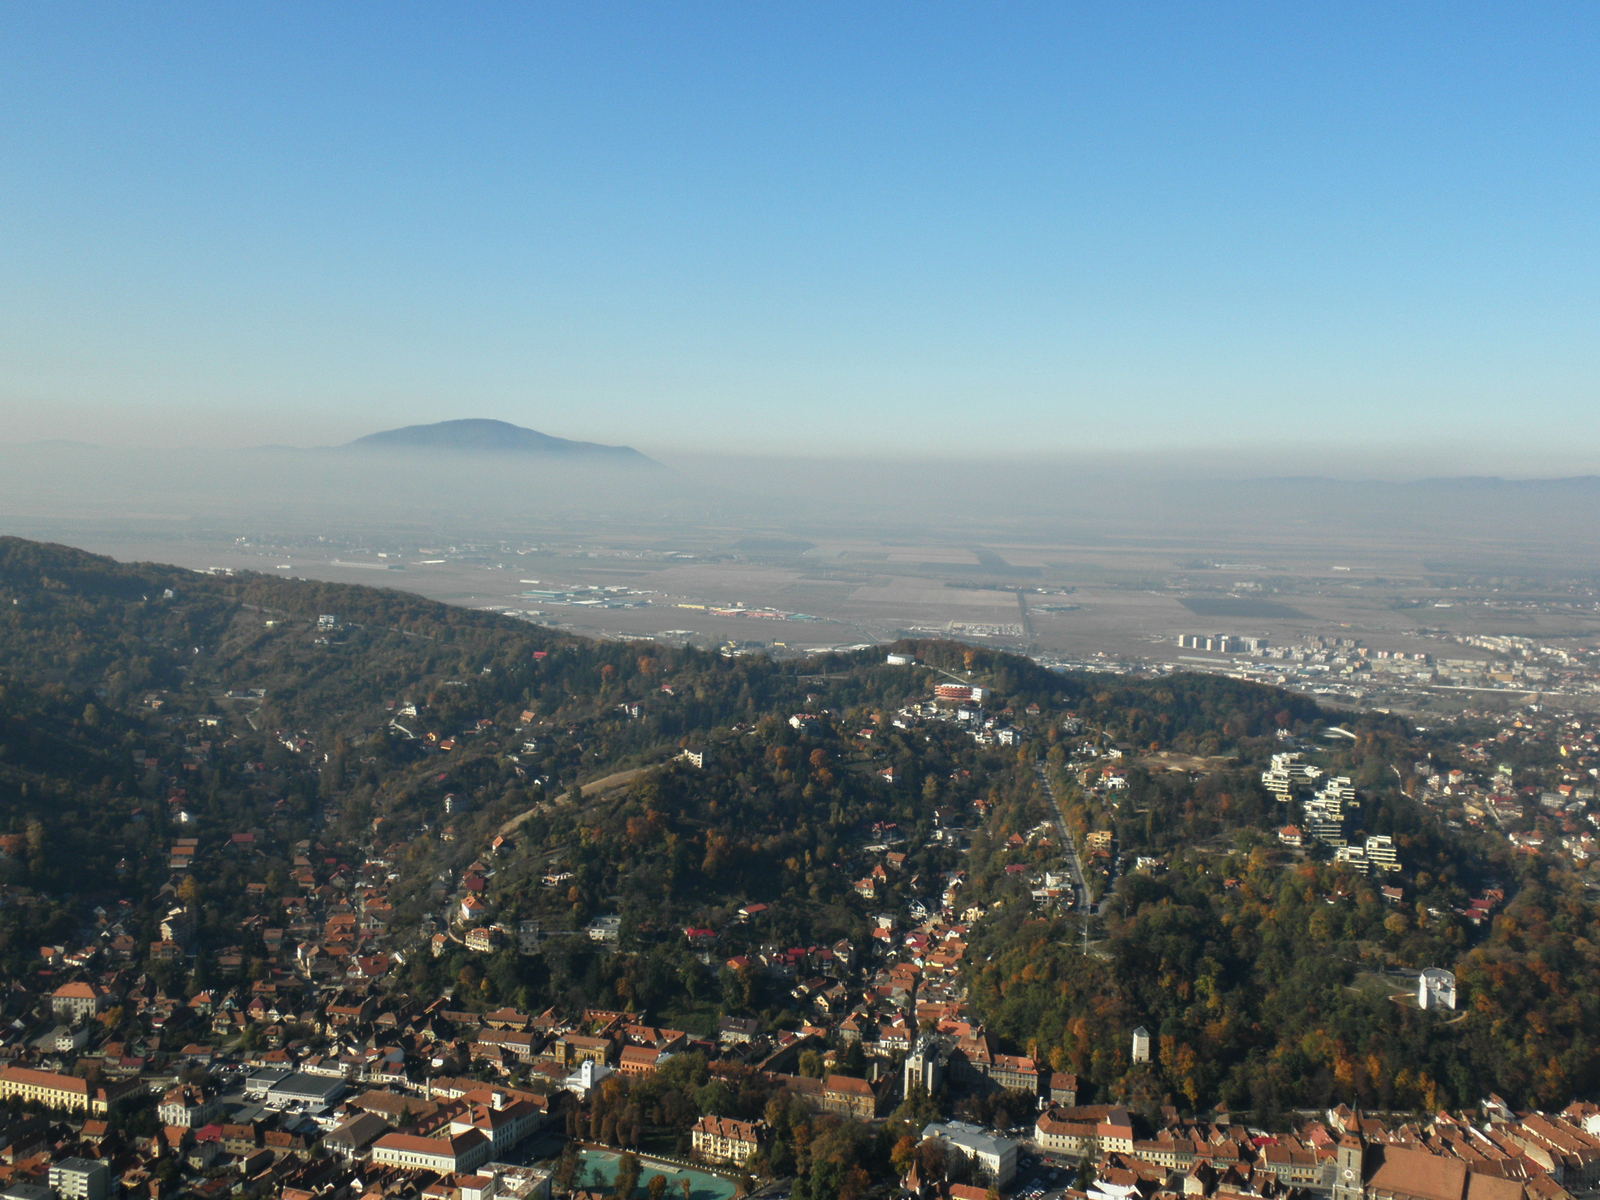 Roemenië | De stad Brasov (Transsylvanië)